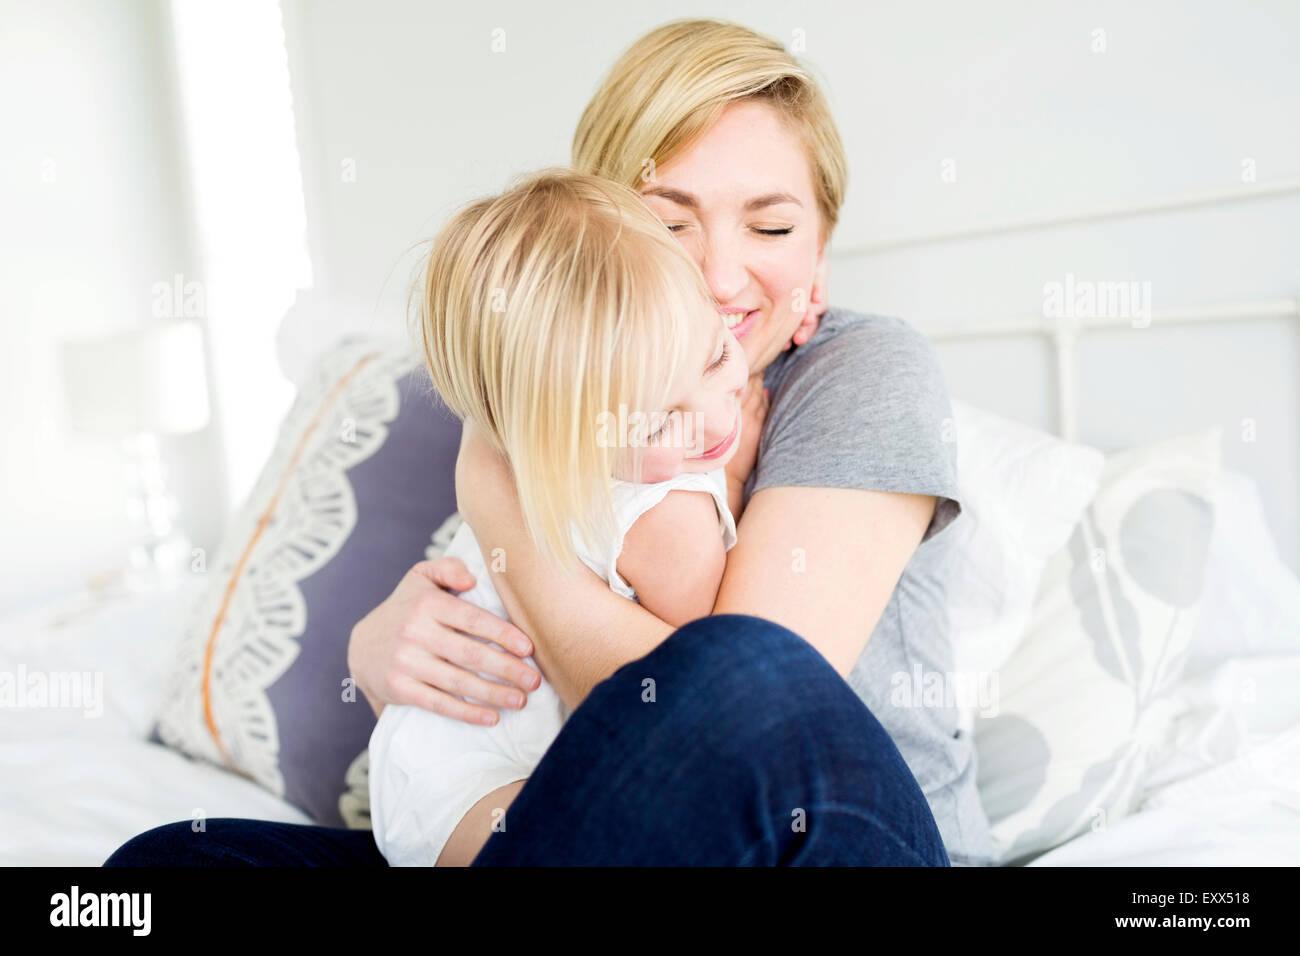 Mujer abrazando a su hija (2-3) en el dormitorio Imagen De Stock